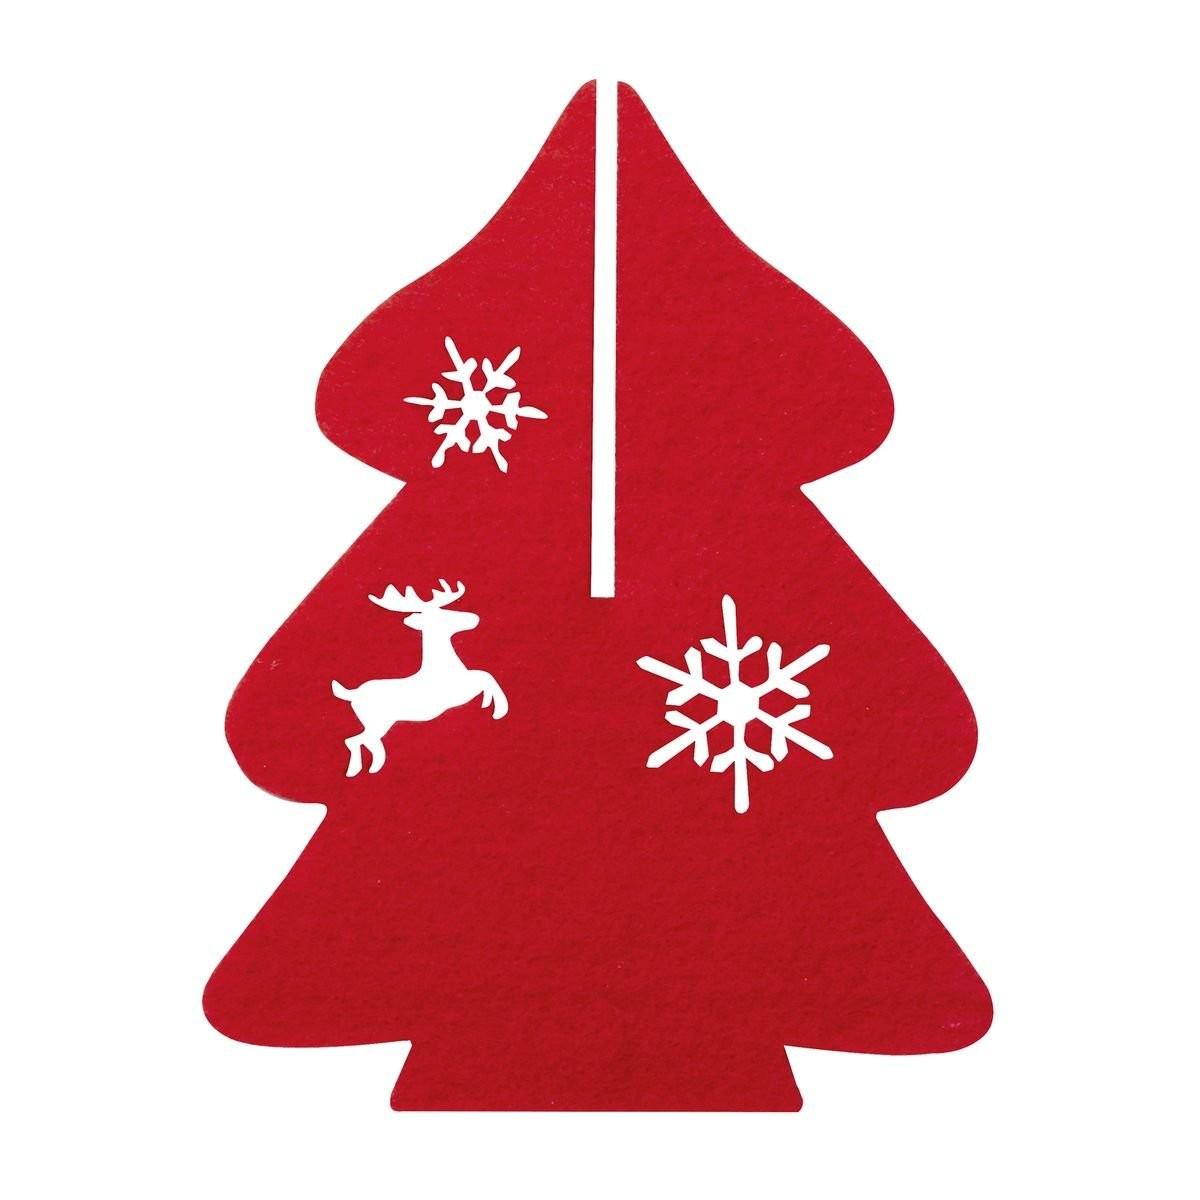 Weihnachtsdekoration REFLECTS-JINAN RED, Ansicht 5